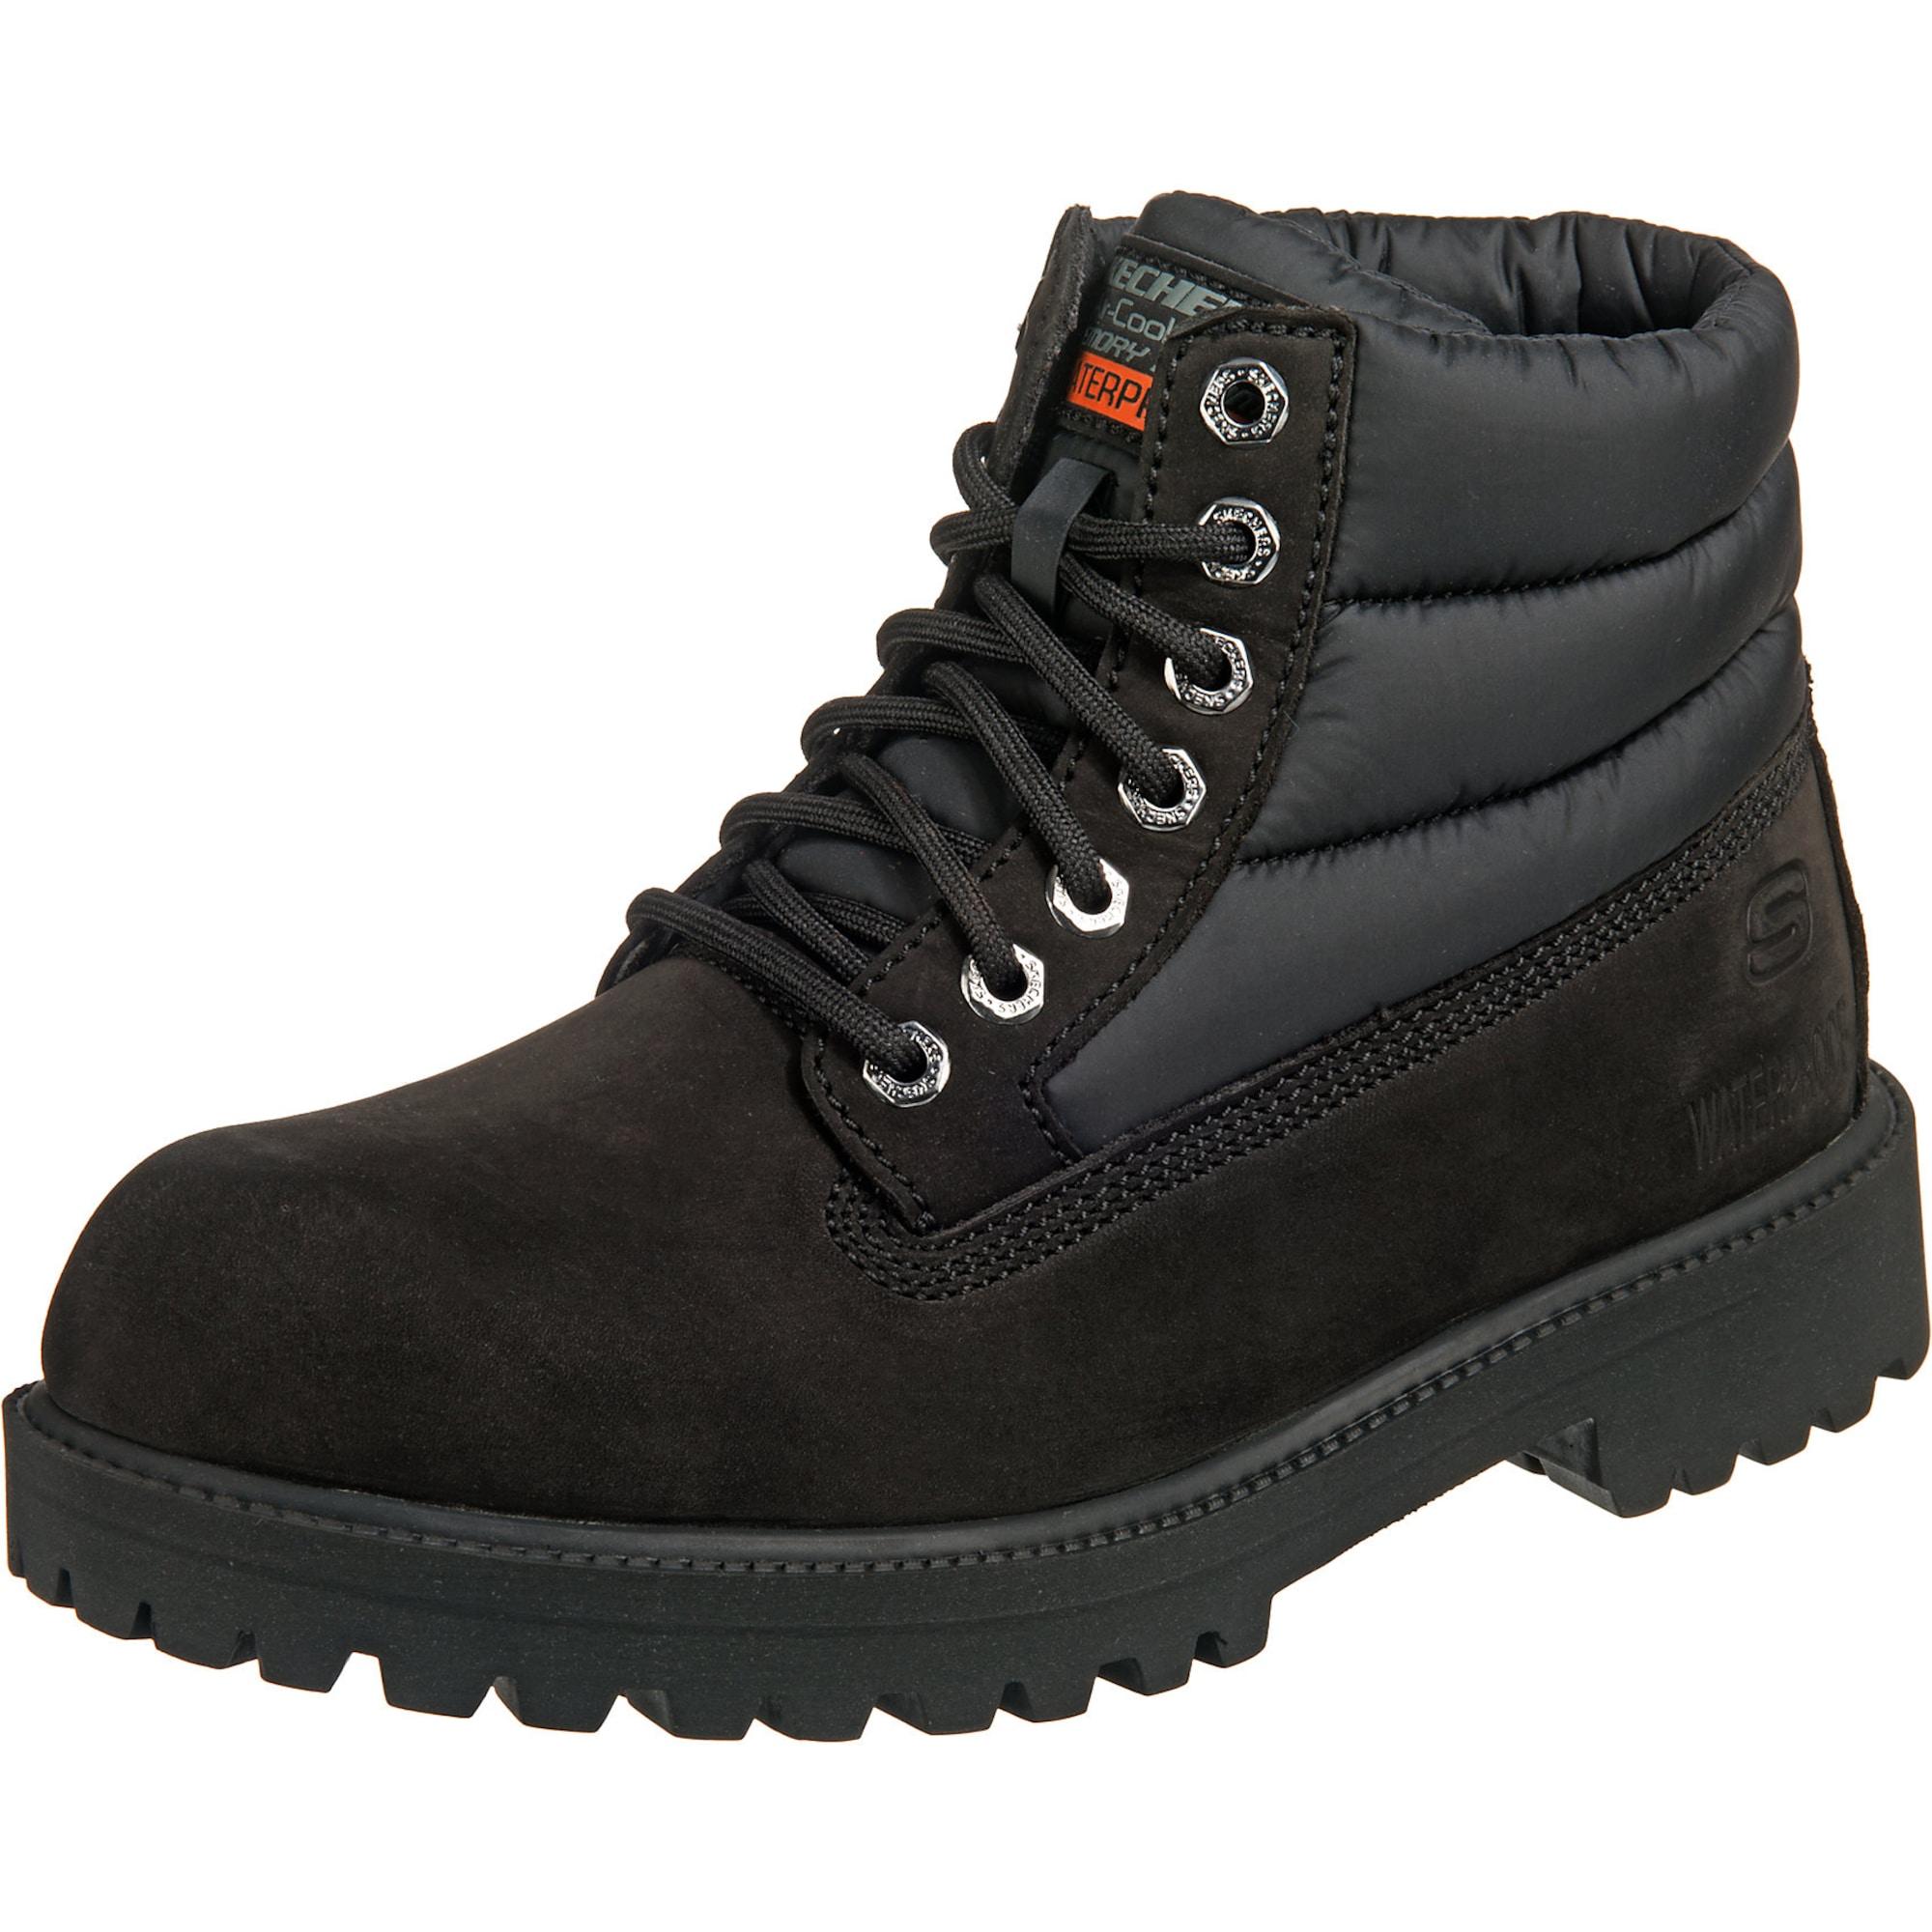 Schnürstiefel 'Sergeants Verno' | Schuhe > Boots > Stiefel | Skechers